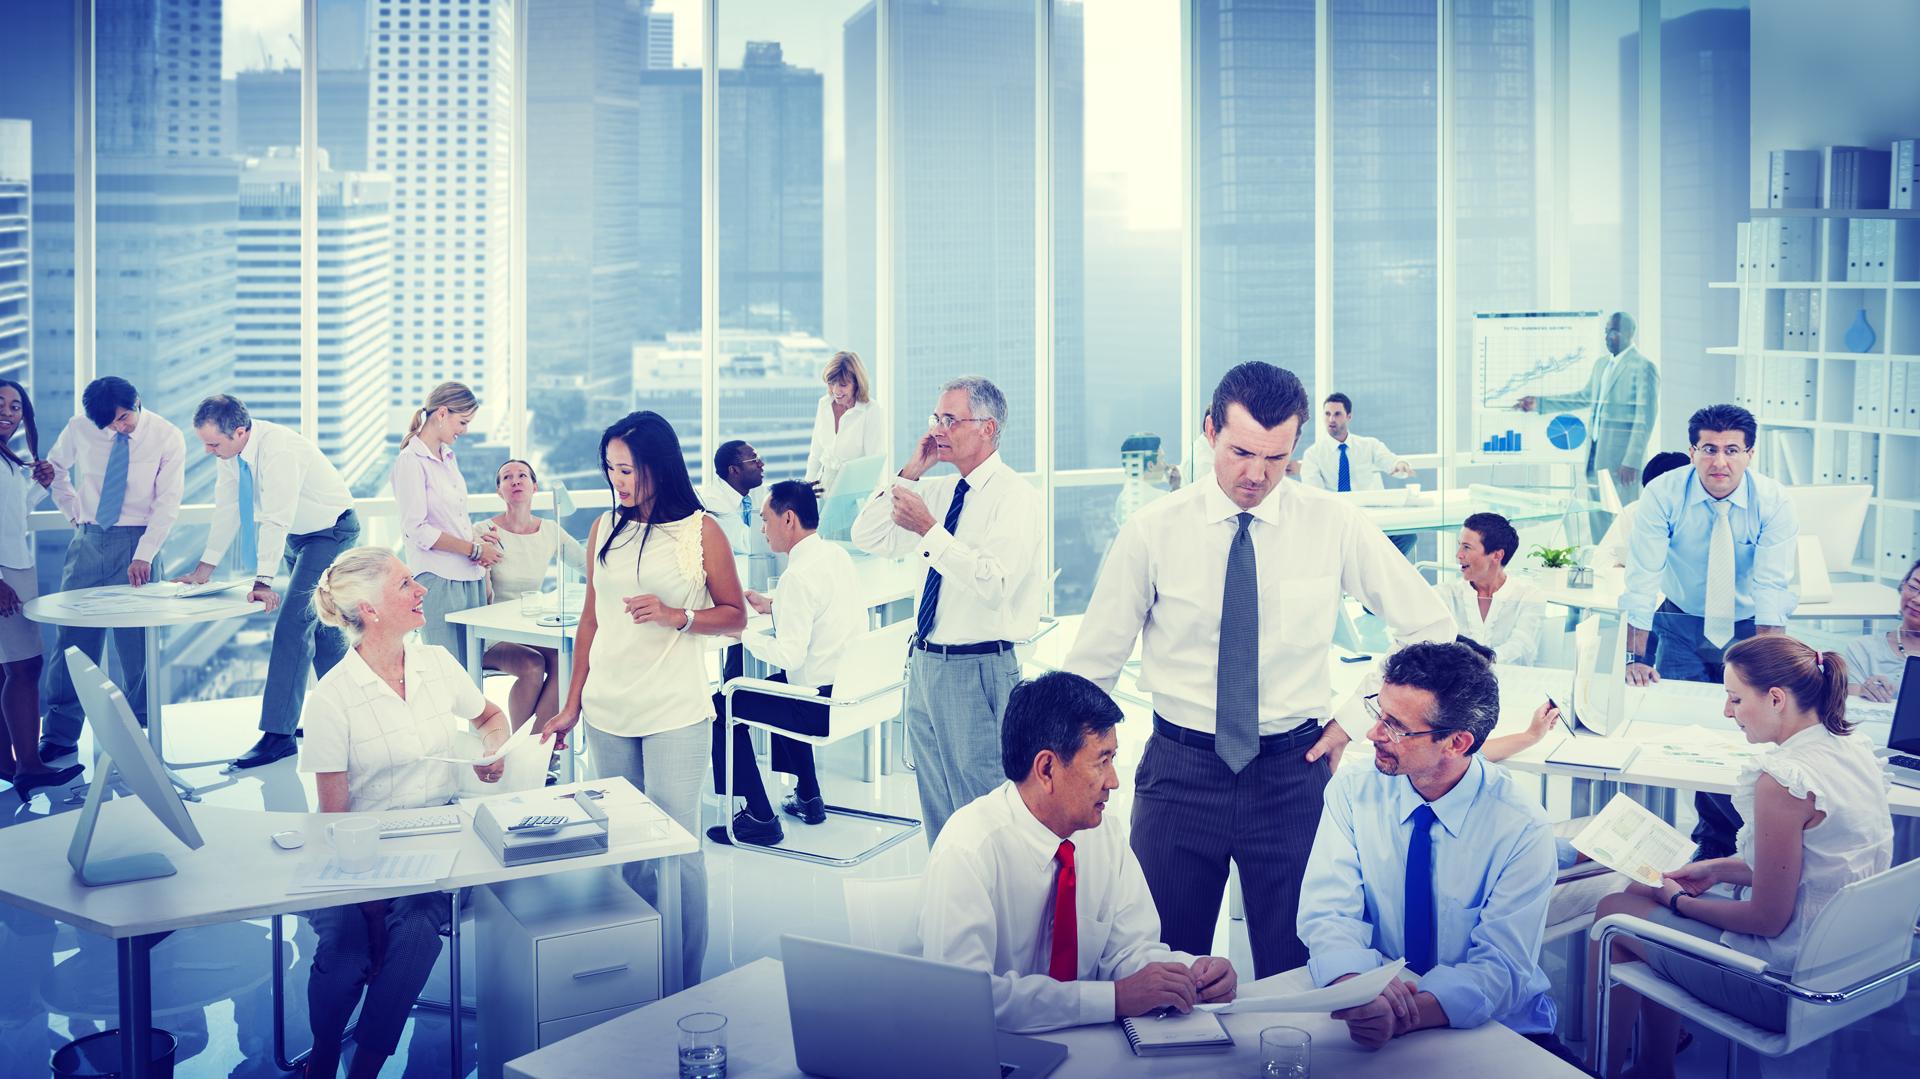 La tecnología es aliada para trasladar parte del trabajo fuera de la oficina. (Shutterstock)